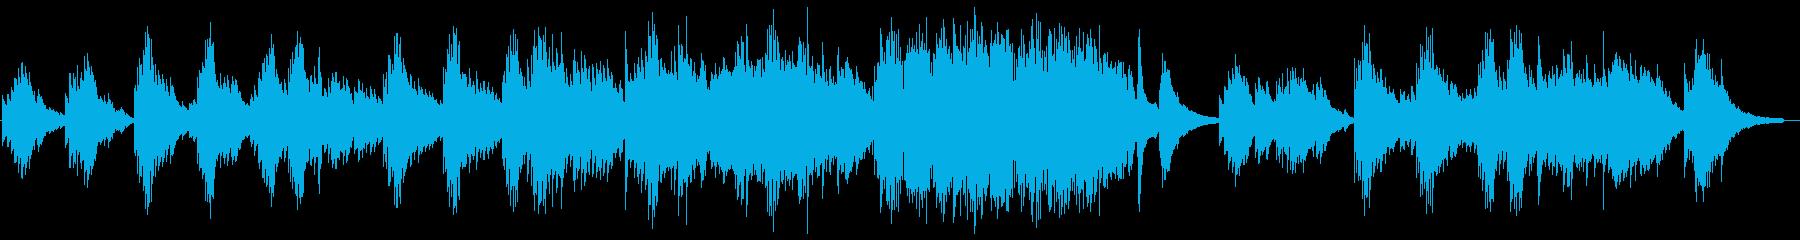 雨 しっとりした静かなピアノBGMの再生済みの波形